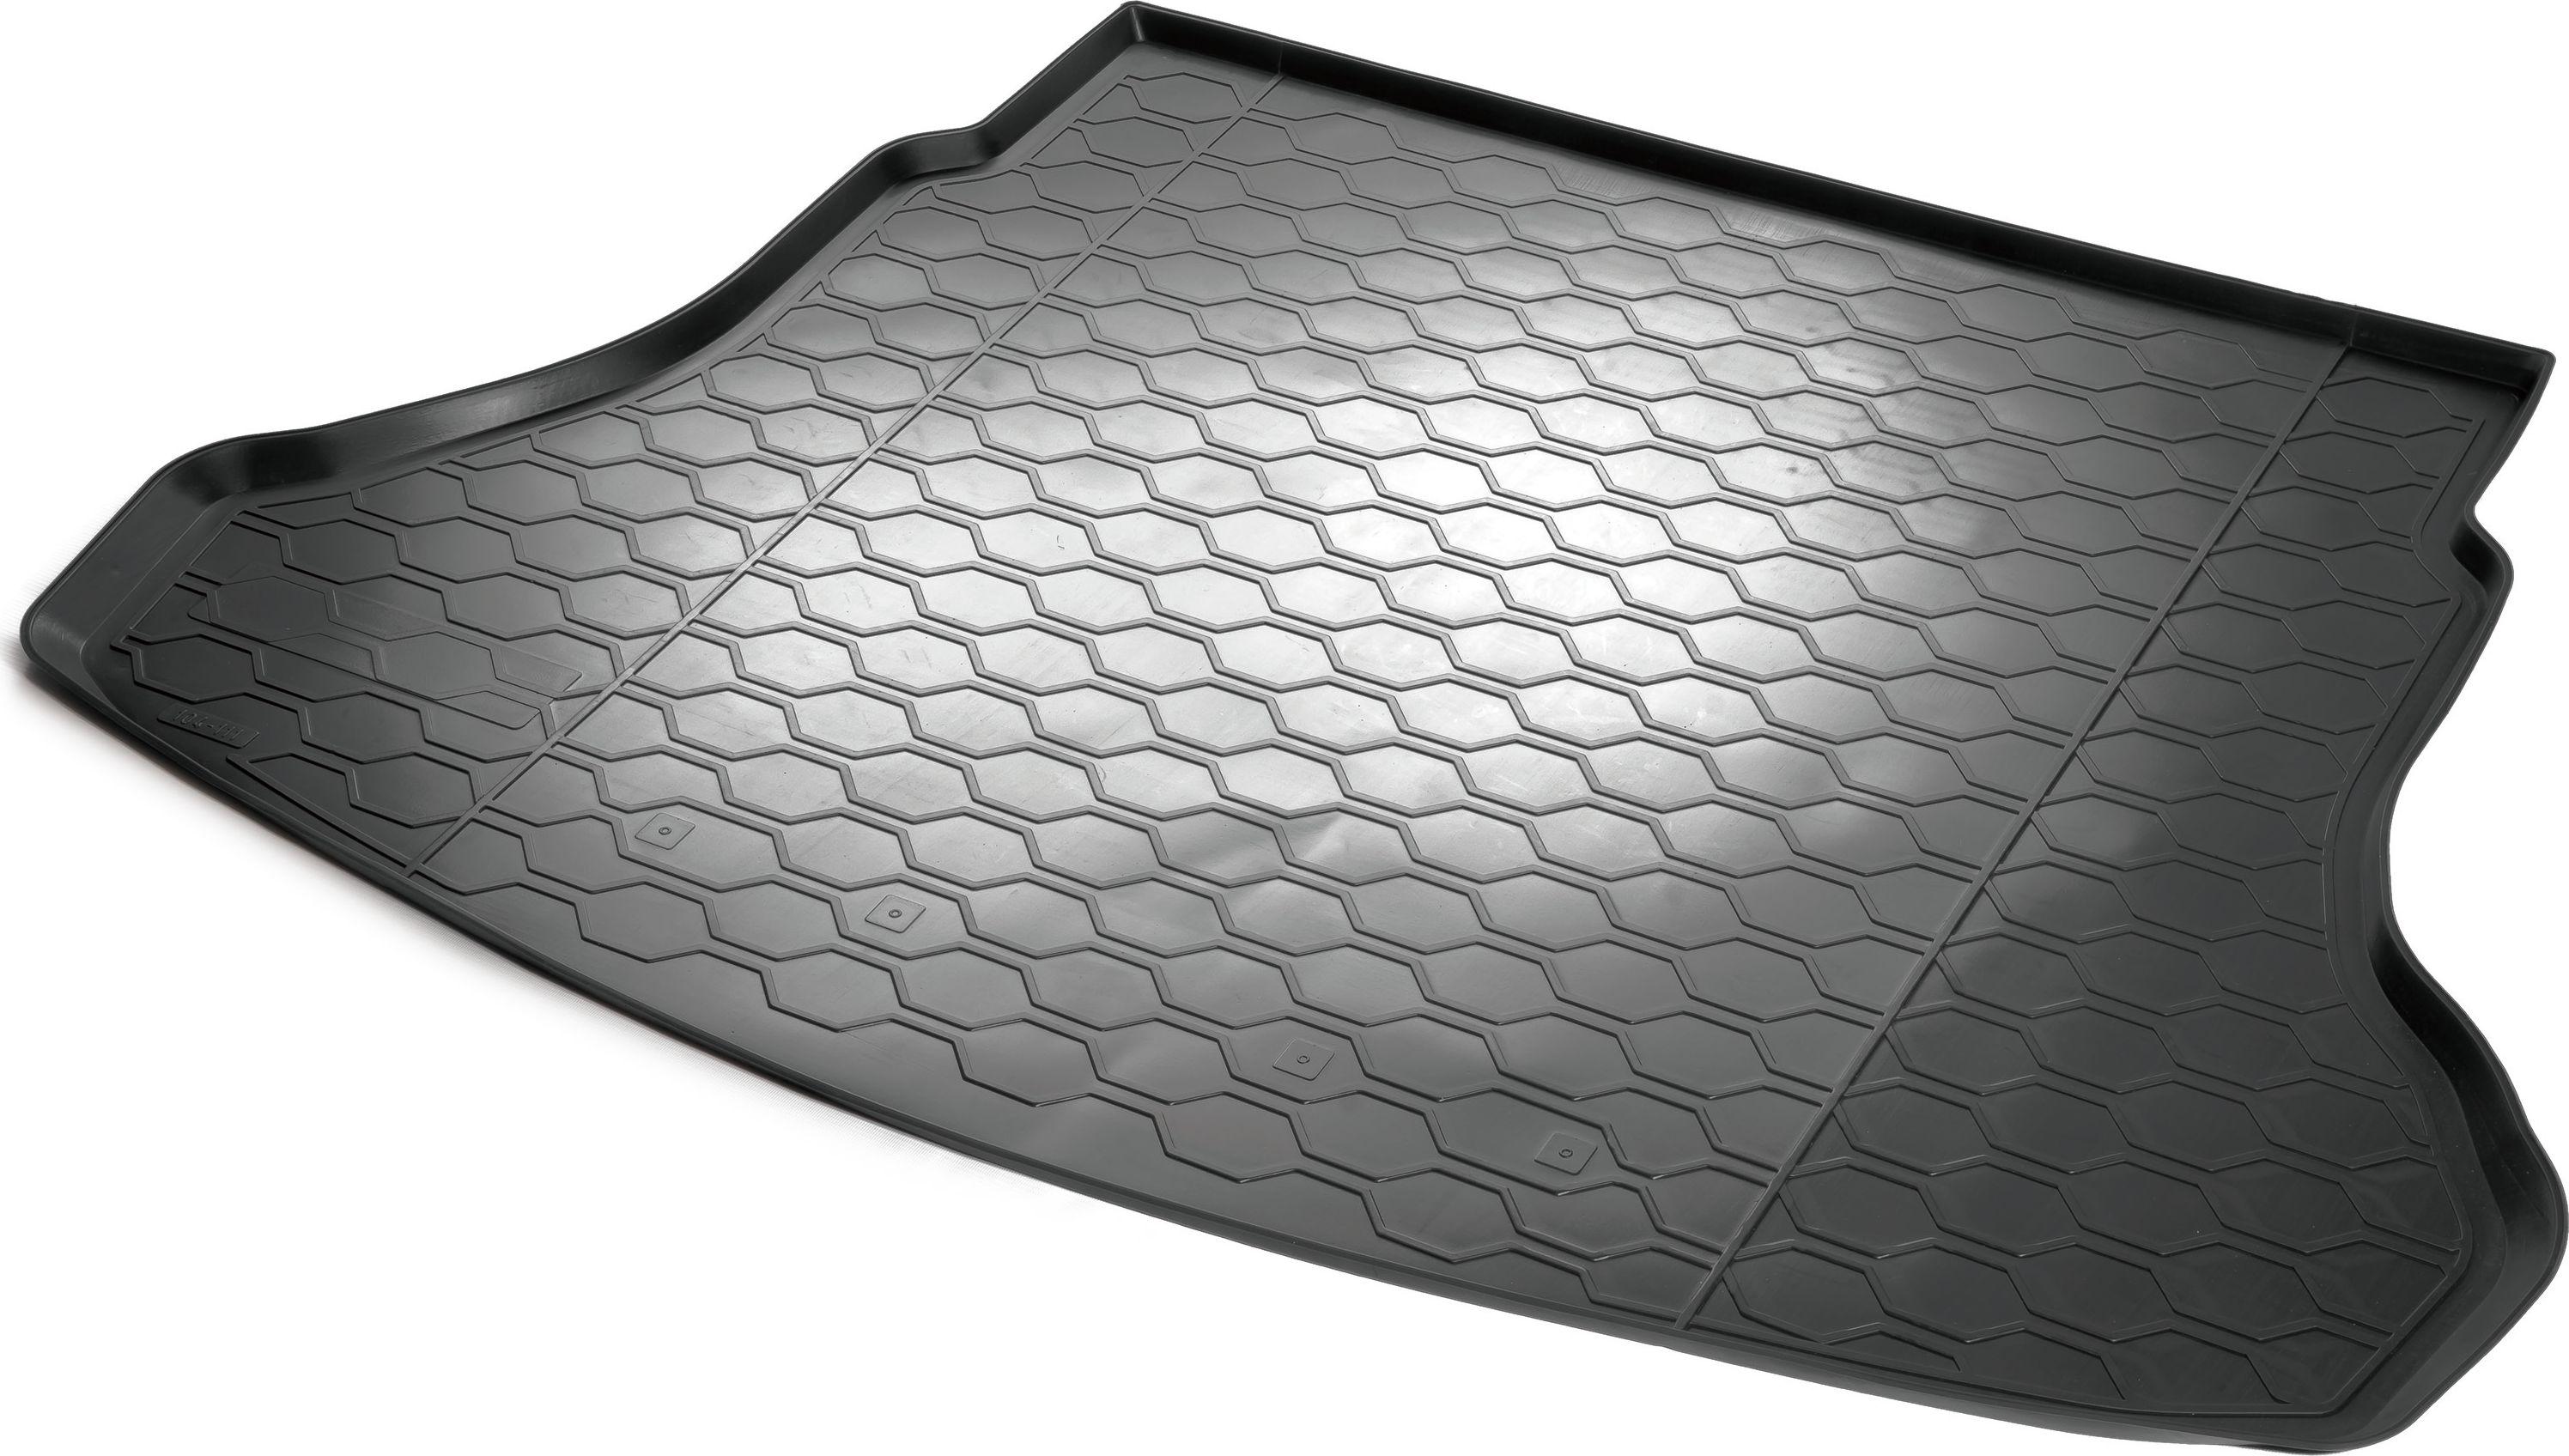 Ковер багажника Rival, для Hyundai Solaris SD 2017- (полиуретан)0012305008Ковер багажника для Hyundai Solaris SD 2017-, полиуретан, Rival Автомобильный ковер багажника Rival Поддон багажника позволяет надежно защитить и сохранить от грязи багажный отсек вашего автомобиля на протяжении всего срока эксплуатации, полностью повторяют геометрию багажника. - Высокий борт специальной конструкции препятствует попаданию разлившейся жидкости и грязи на внутреннюю отделку. - Произведены из первичных материалов, в результате чего отсутствует неприятный запах в салоне автомобиля. - Рисунок обеспечивает противоскользящую поверхность, благодаря которой перевозимые предметы не перекатываются в багажном отделении, а остаются на своих местах. - Высокая эластичность, можно беспрепятственно эксплуатировать при температуре от -45°C до +45°C. - Изготовлены из высококачественного и экологичного материала, не подверженного воздействию кислот, щелочей и нефтепродуктов. Уважаемые клиенты! Обращаем ваше внимание, что ковер имеет форму...